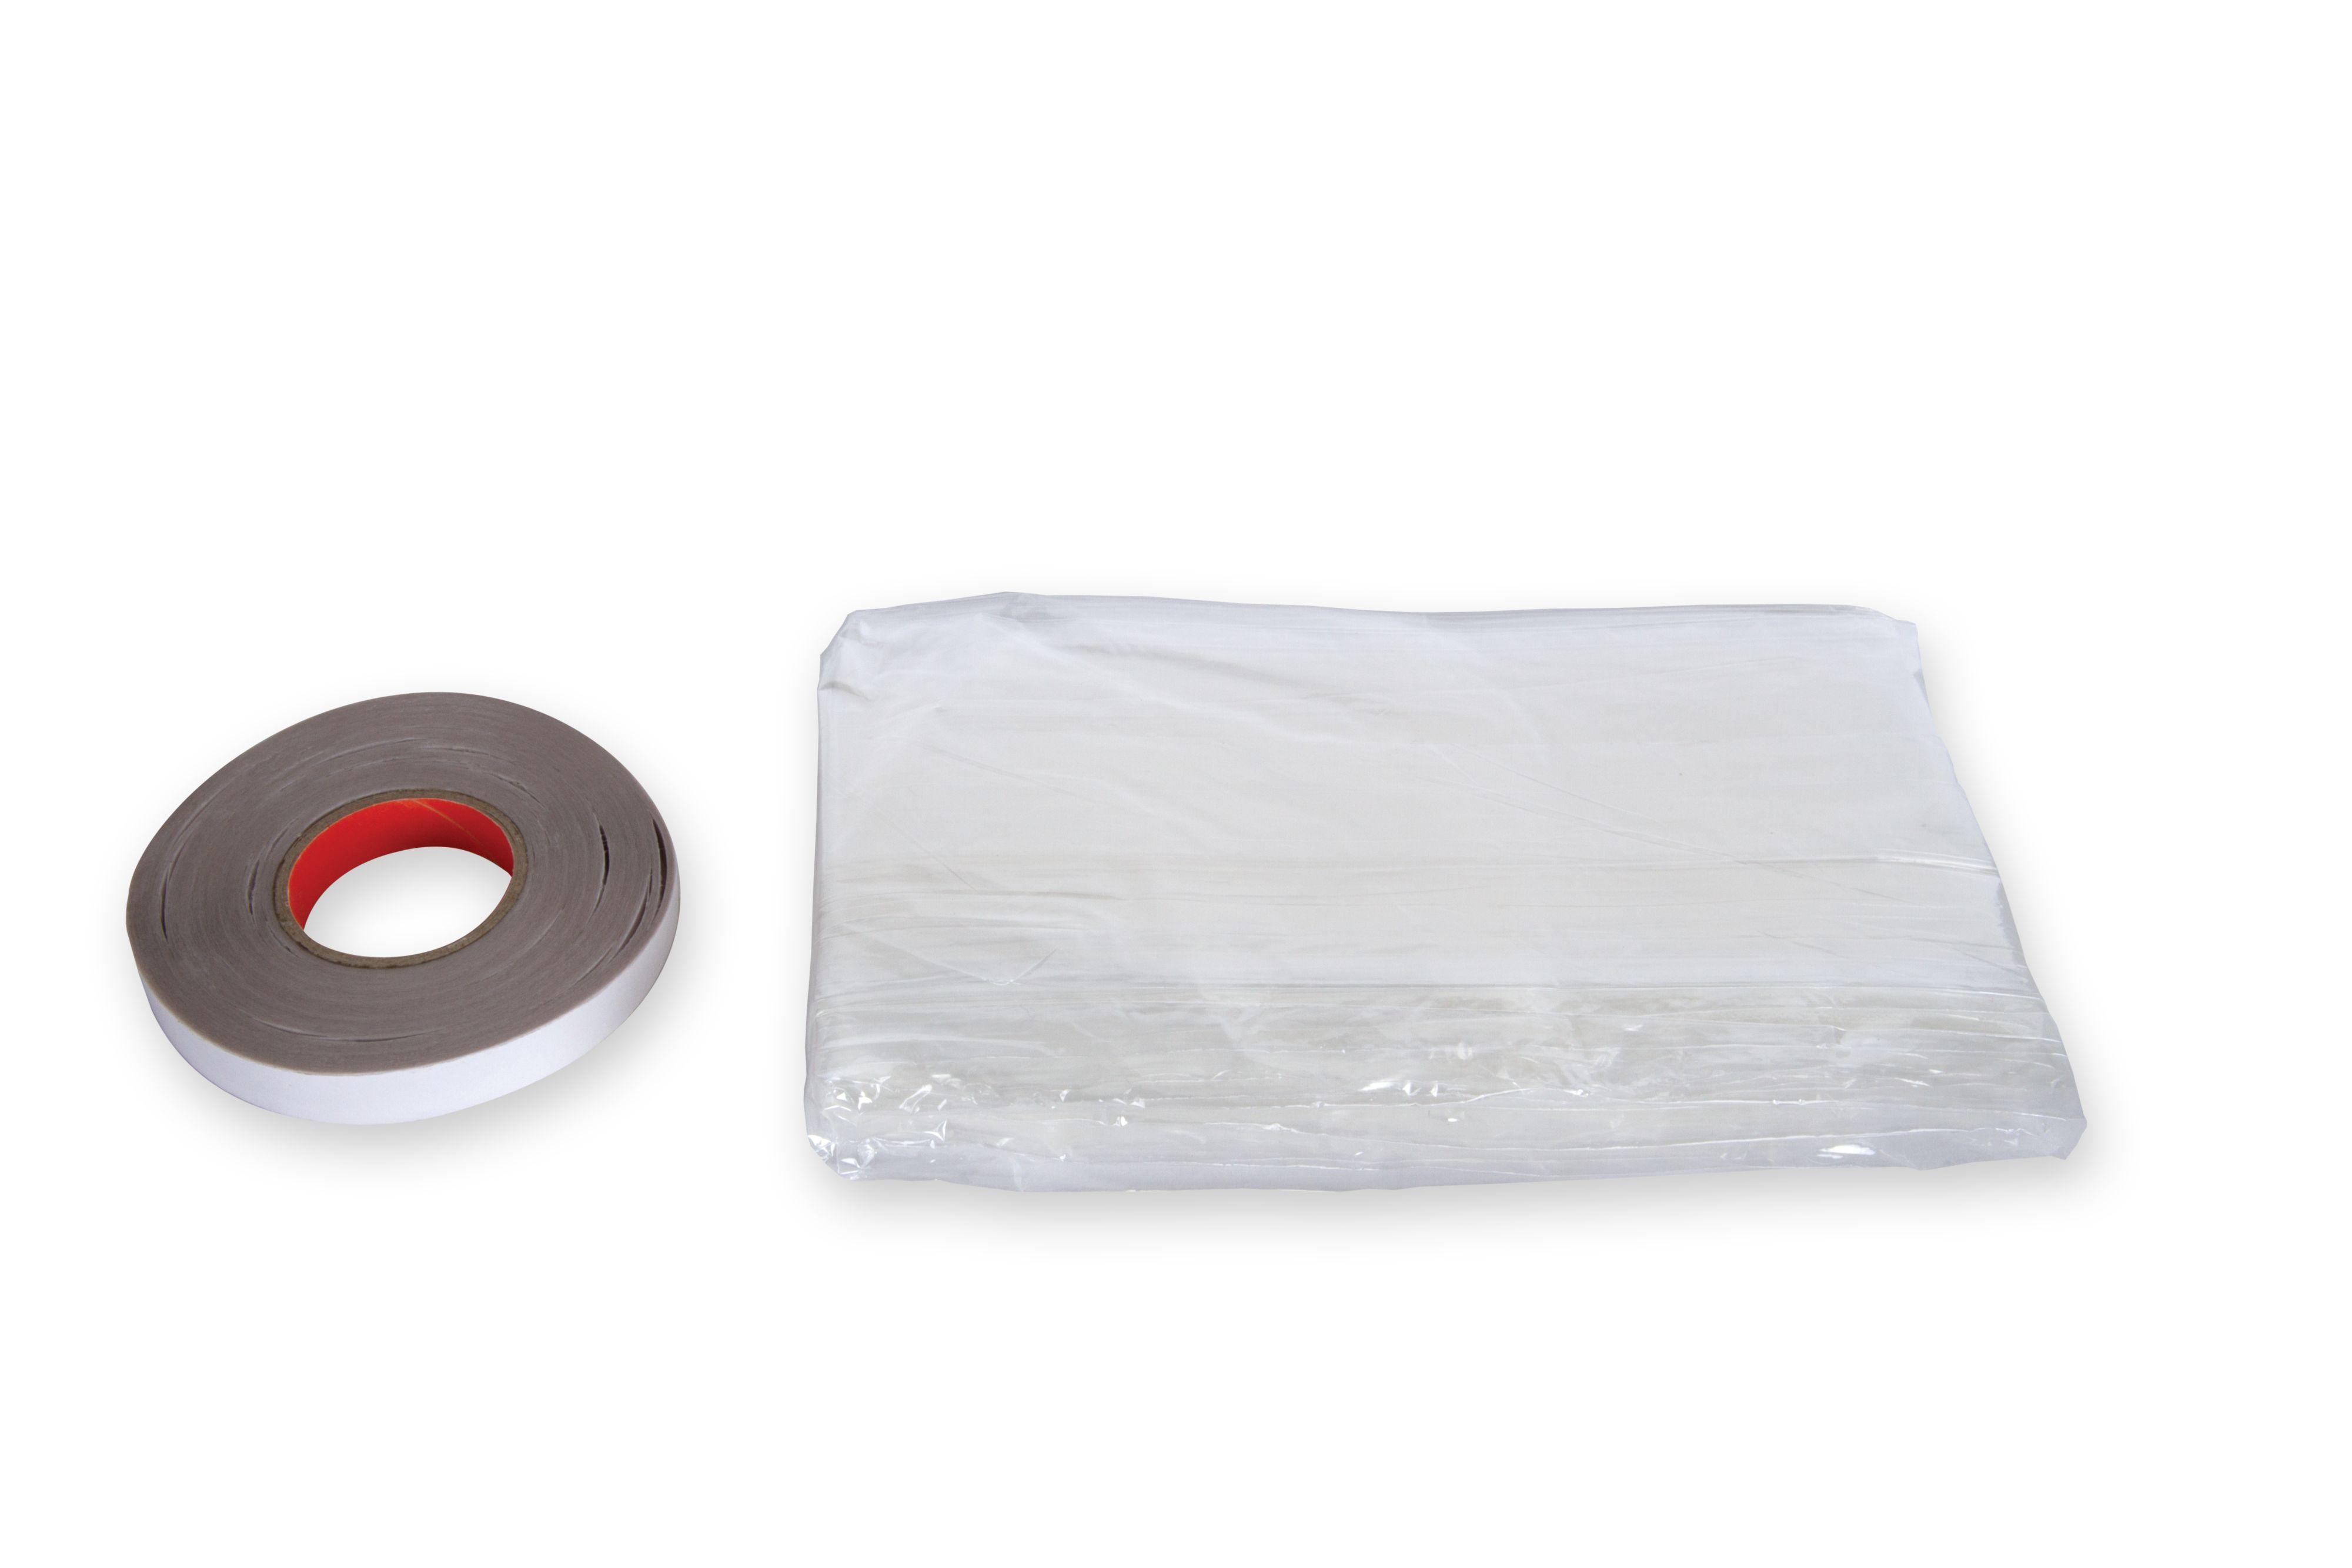 Bathroom Window Film B&Q stormguard pvc/ tape self adhesive secondary glazing film, (l)4.02